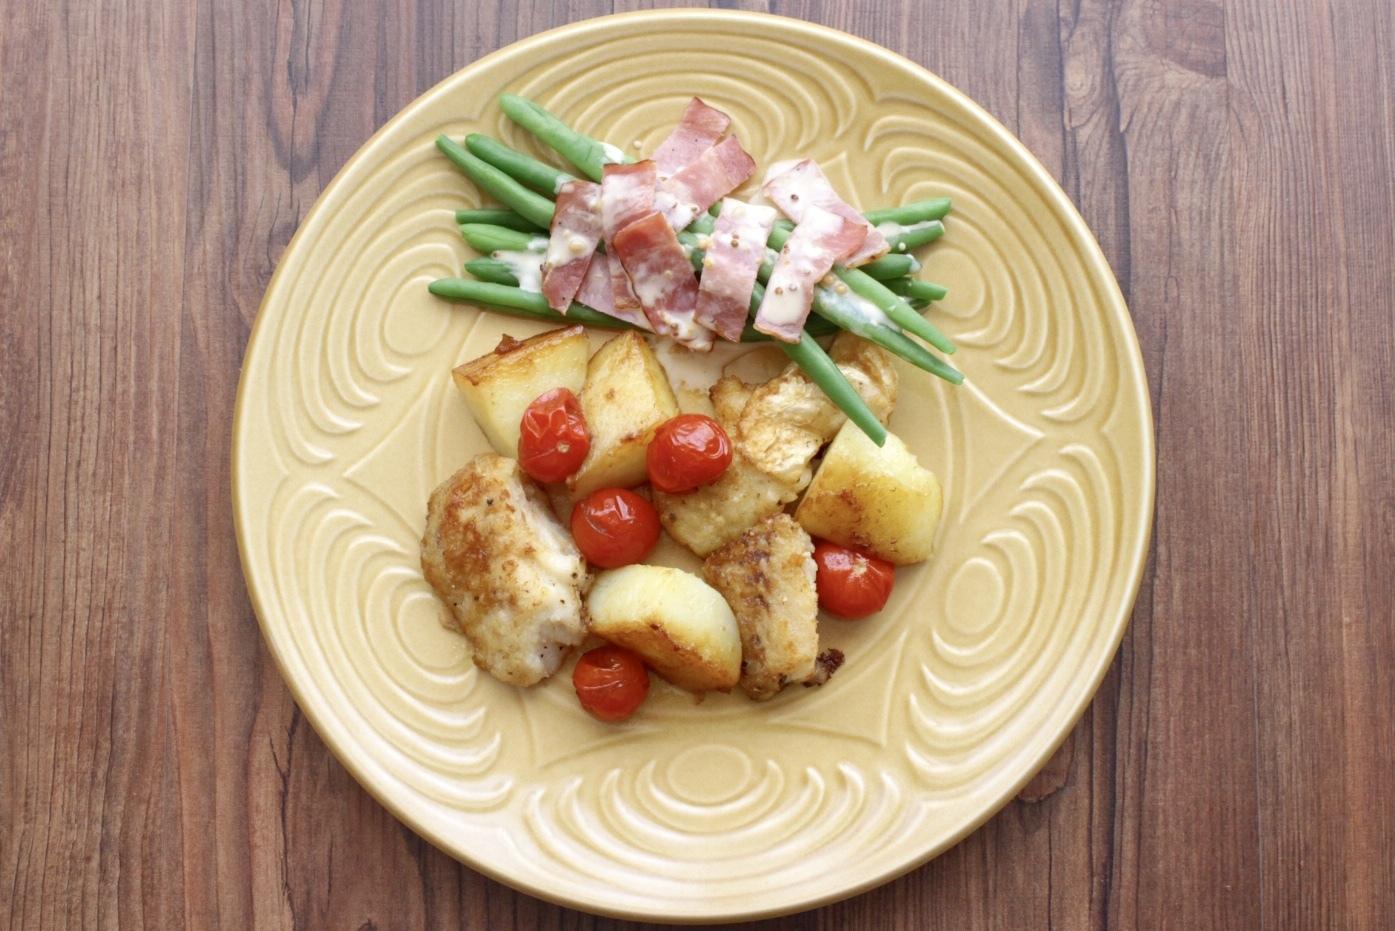 タラとトマトとジャガイモのソテー_f0220354_15154126.jpeg